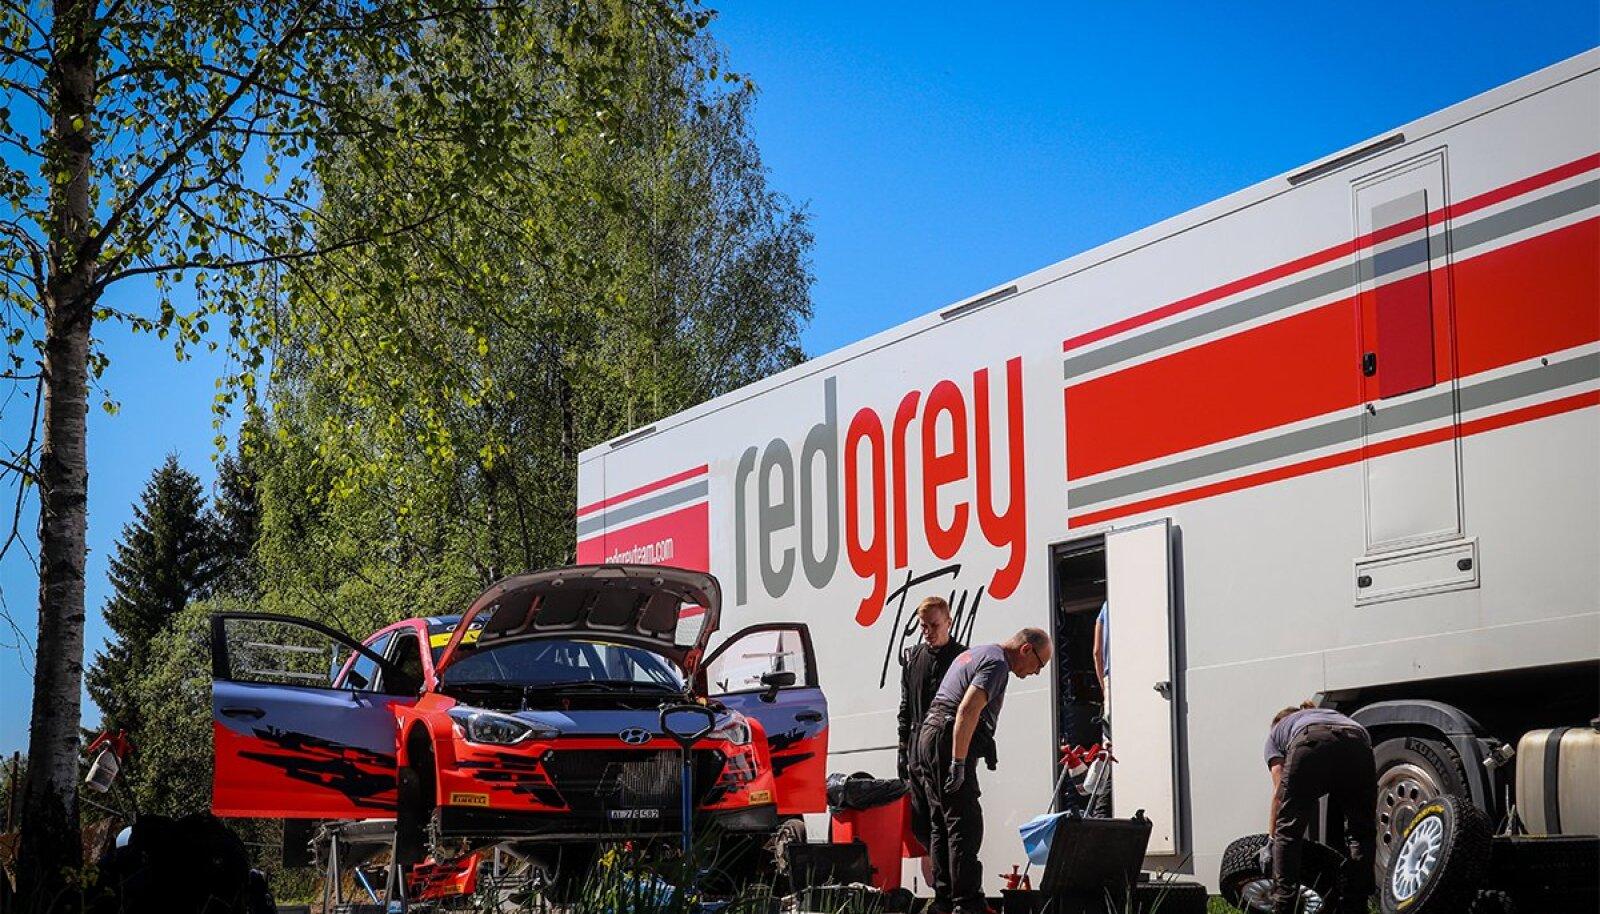 RedGrey Team'i Hyundai i20 NG R5 test Haanjas koos valitseva maailmameistri Ott Tänakuga